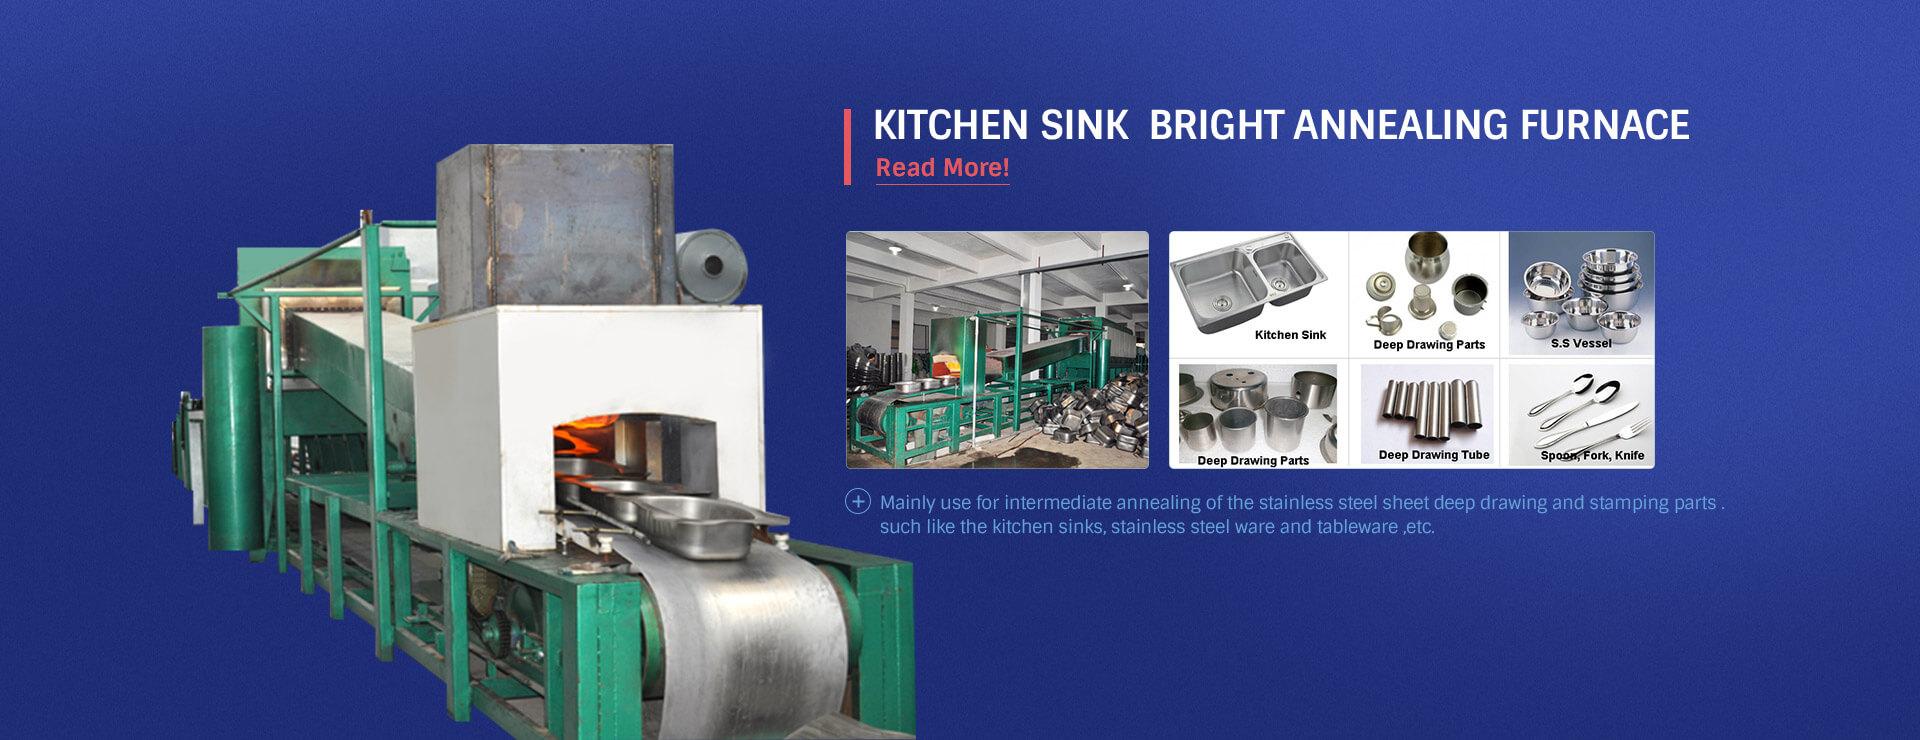 Kitchen Sink Bright Annealing Furnace